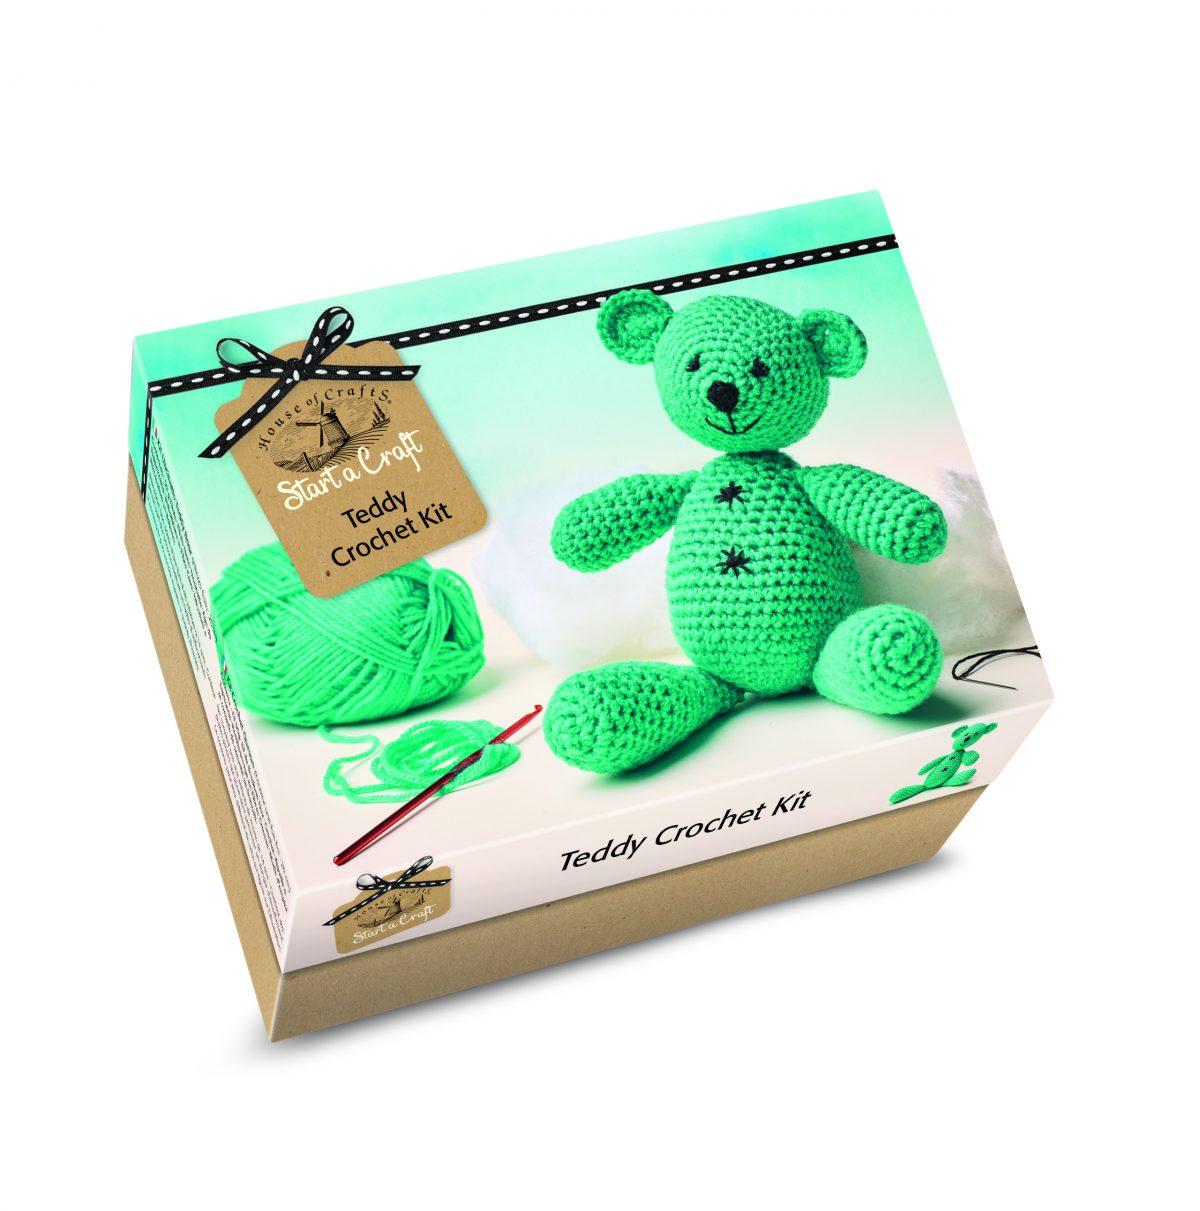 Δημιουργίες για Αρχάριους - Κούκλα με Βελονάκι